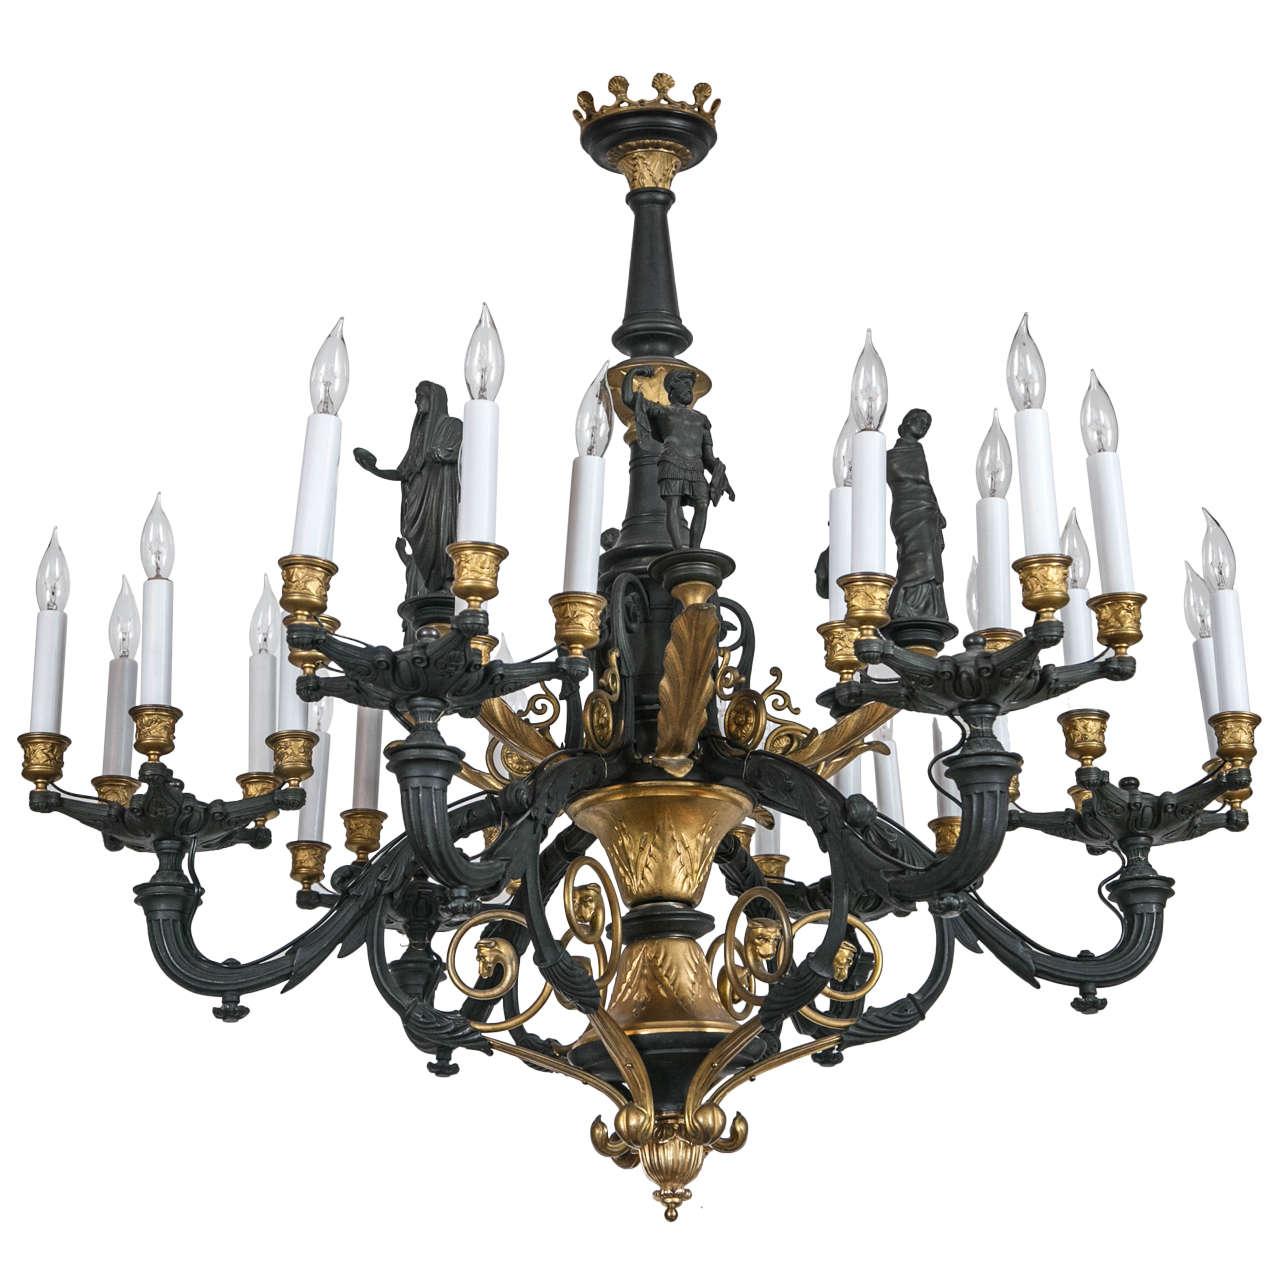 Large parcel gilt bronze gaslight chandelier with greco roman large parcel gilt bronze gaslight chandelier with greco roman figures 1 arubaitofo Images